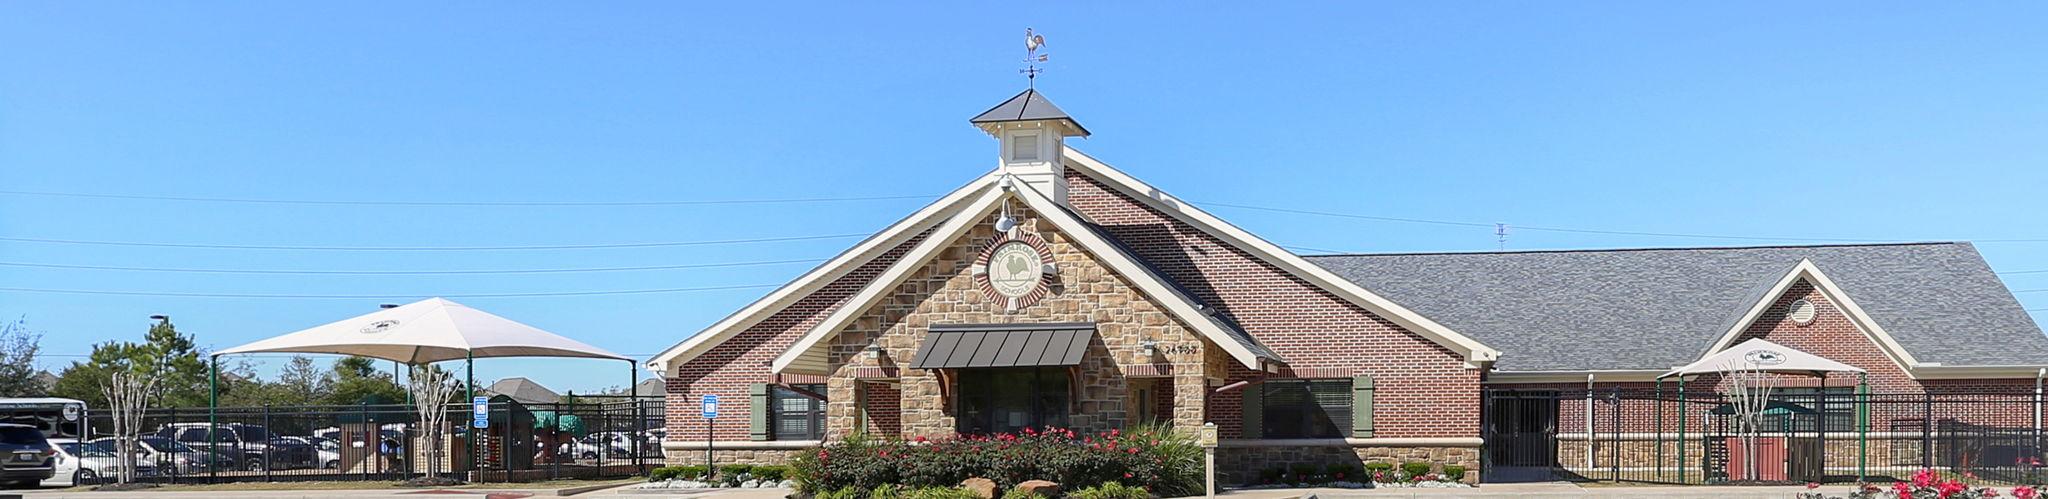 Exterior of a Primrose School of West Cinco Ranch